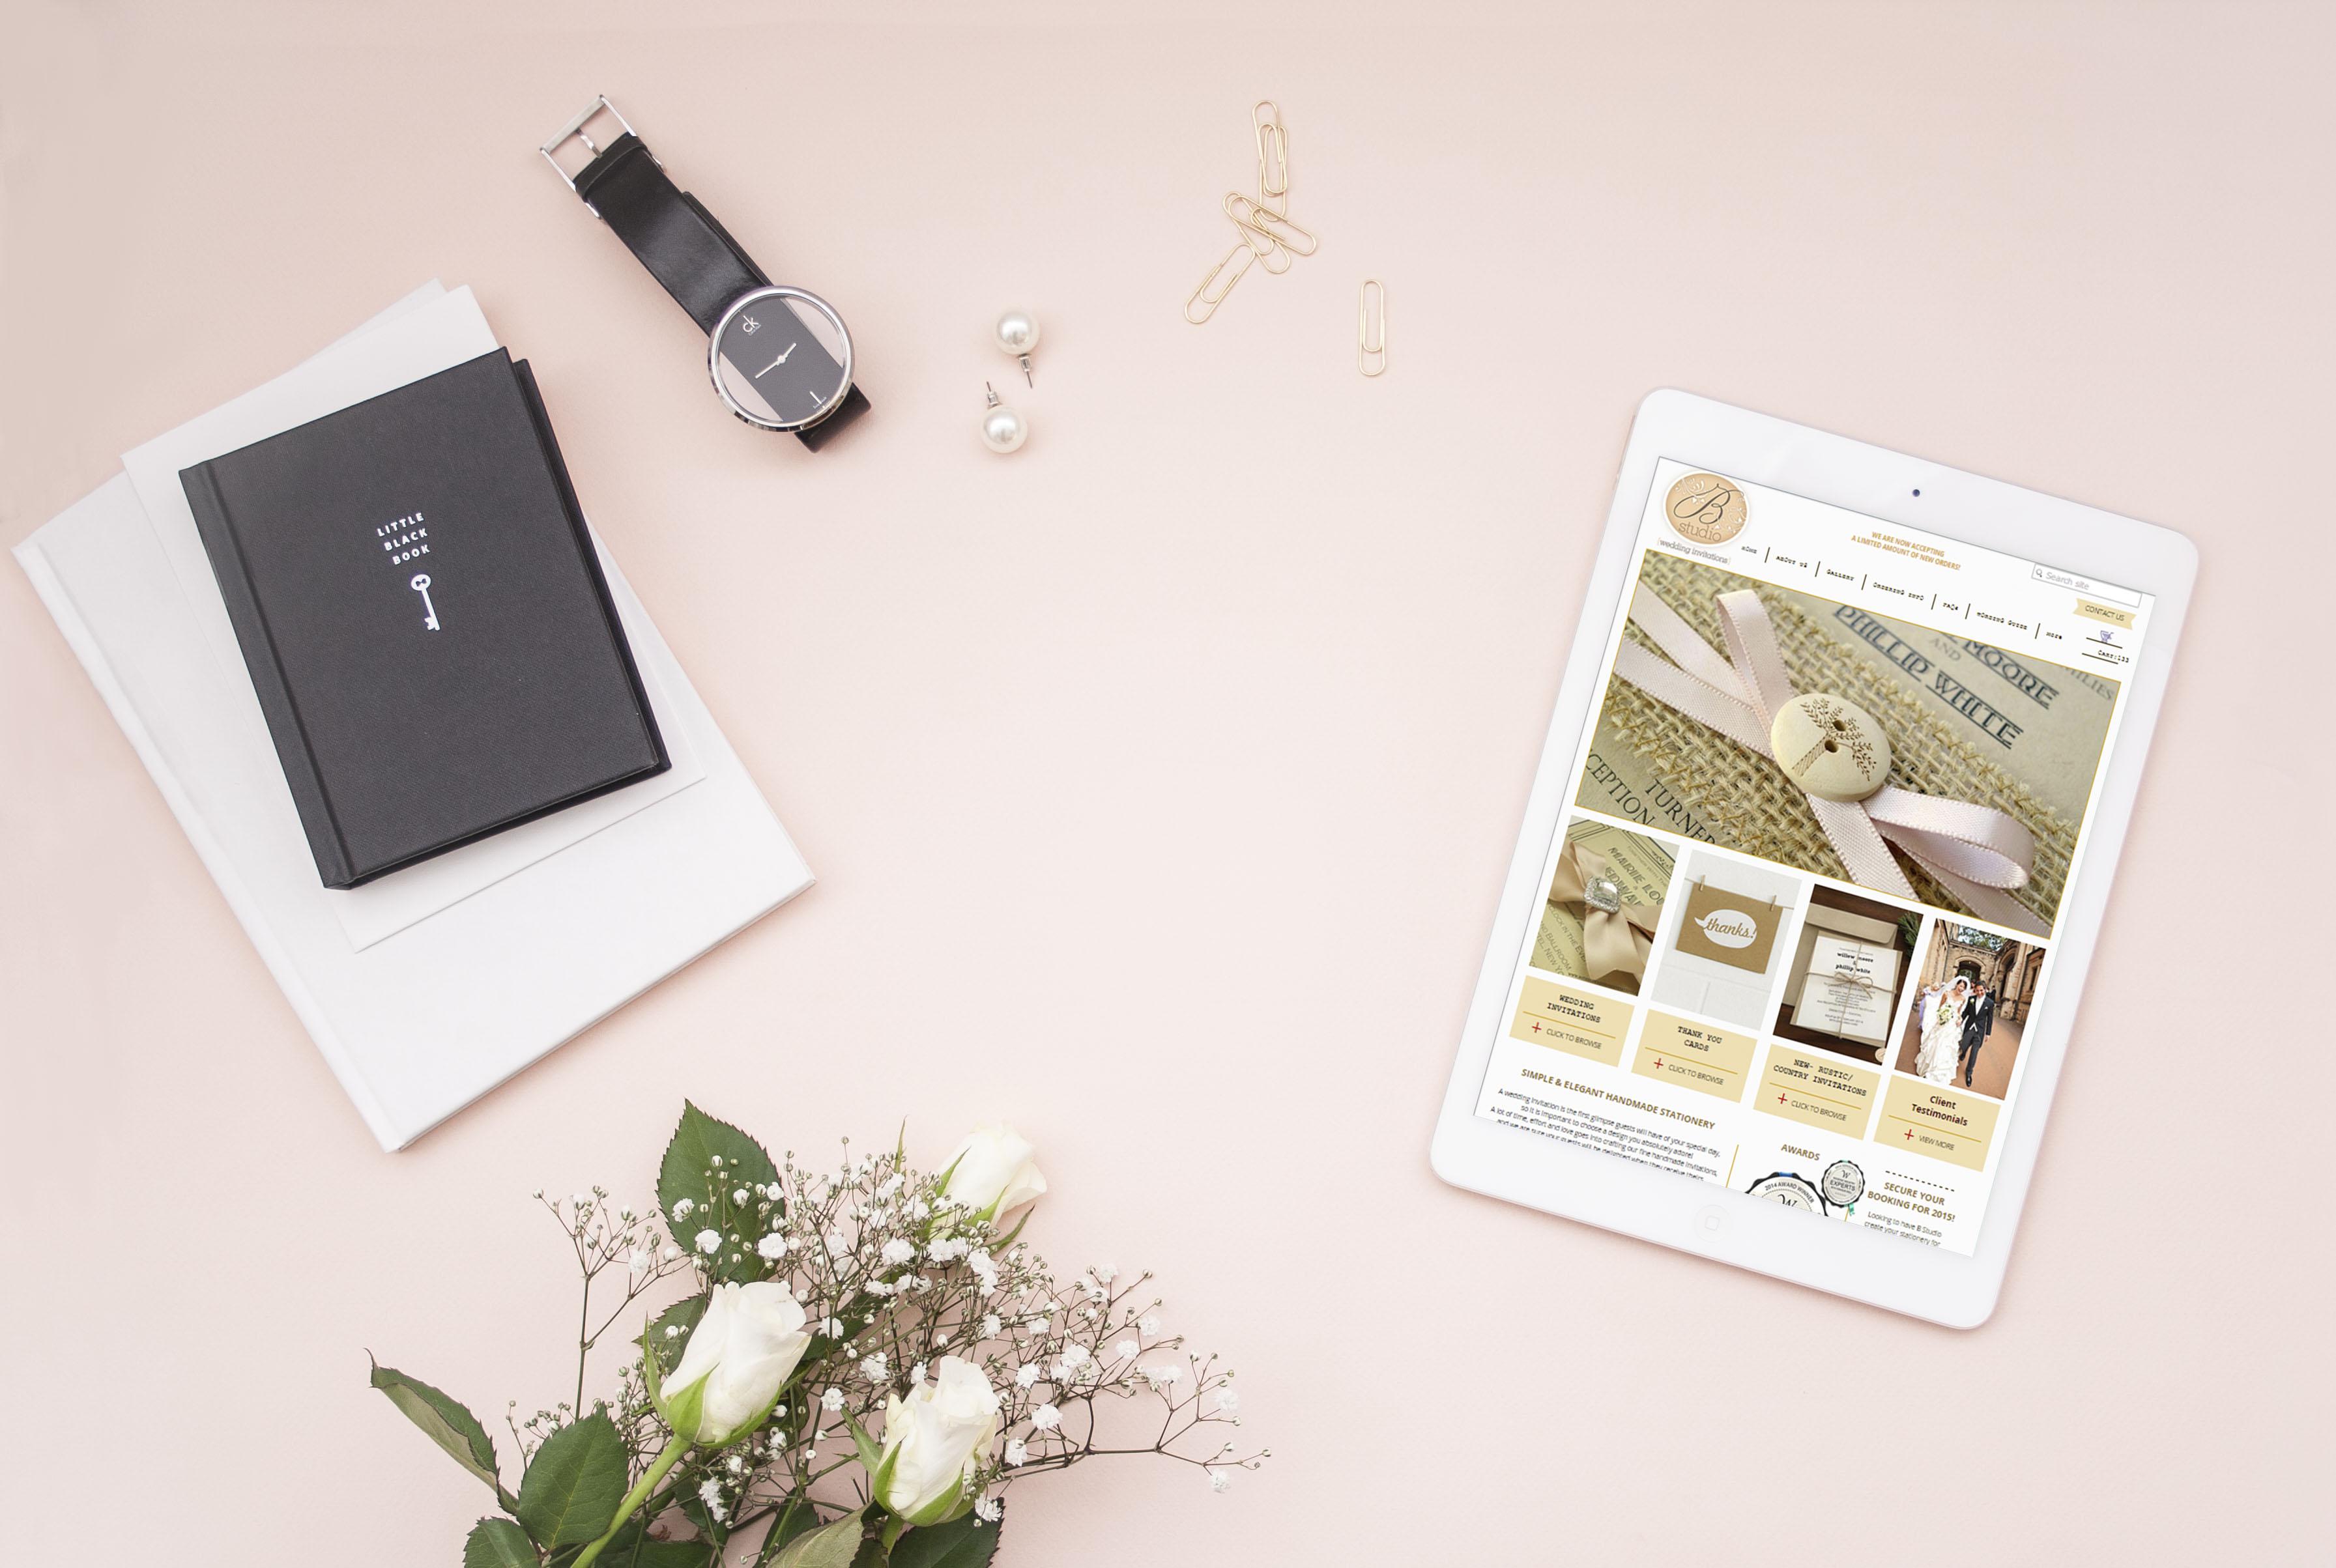 B Studio Wedding Invitation  Website On Ipad